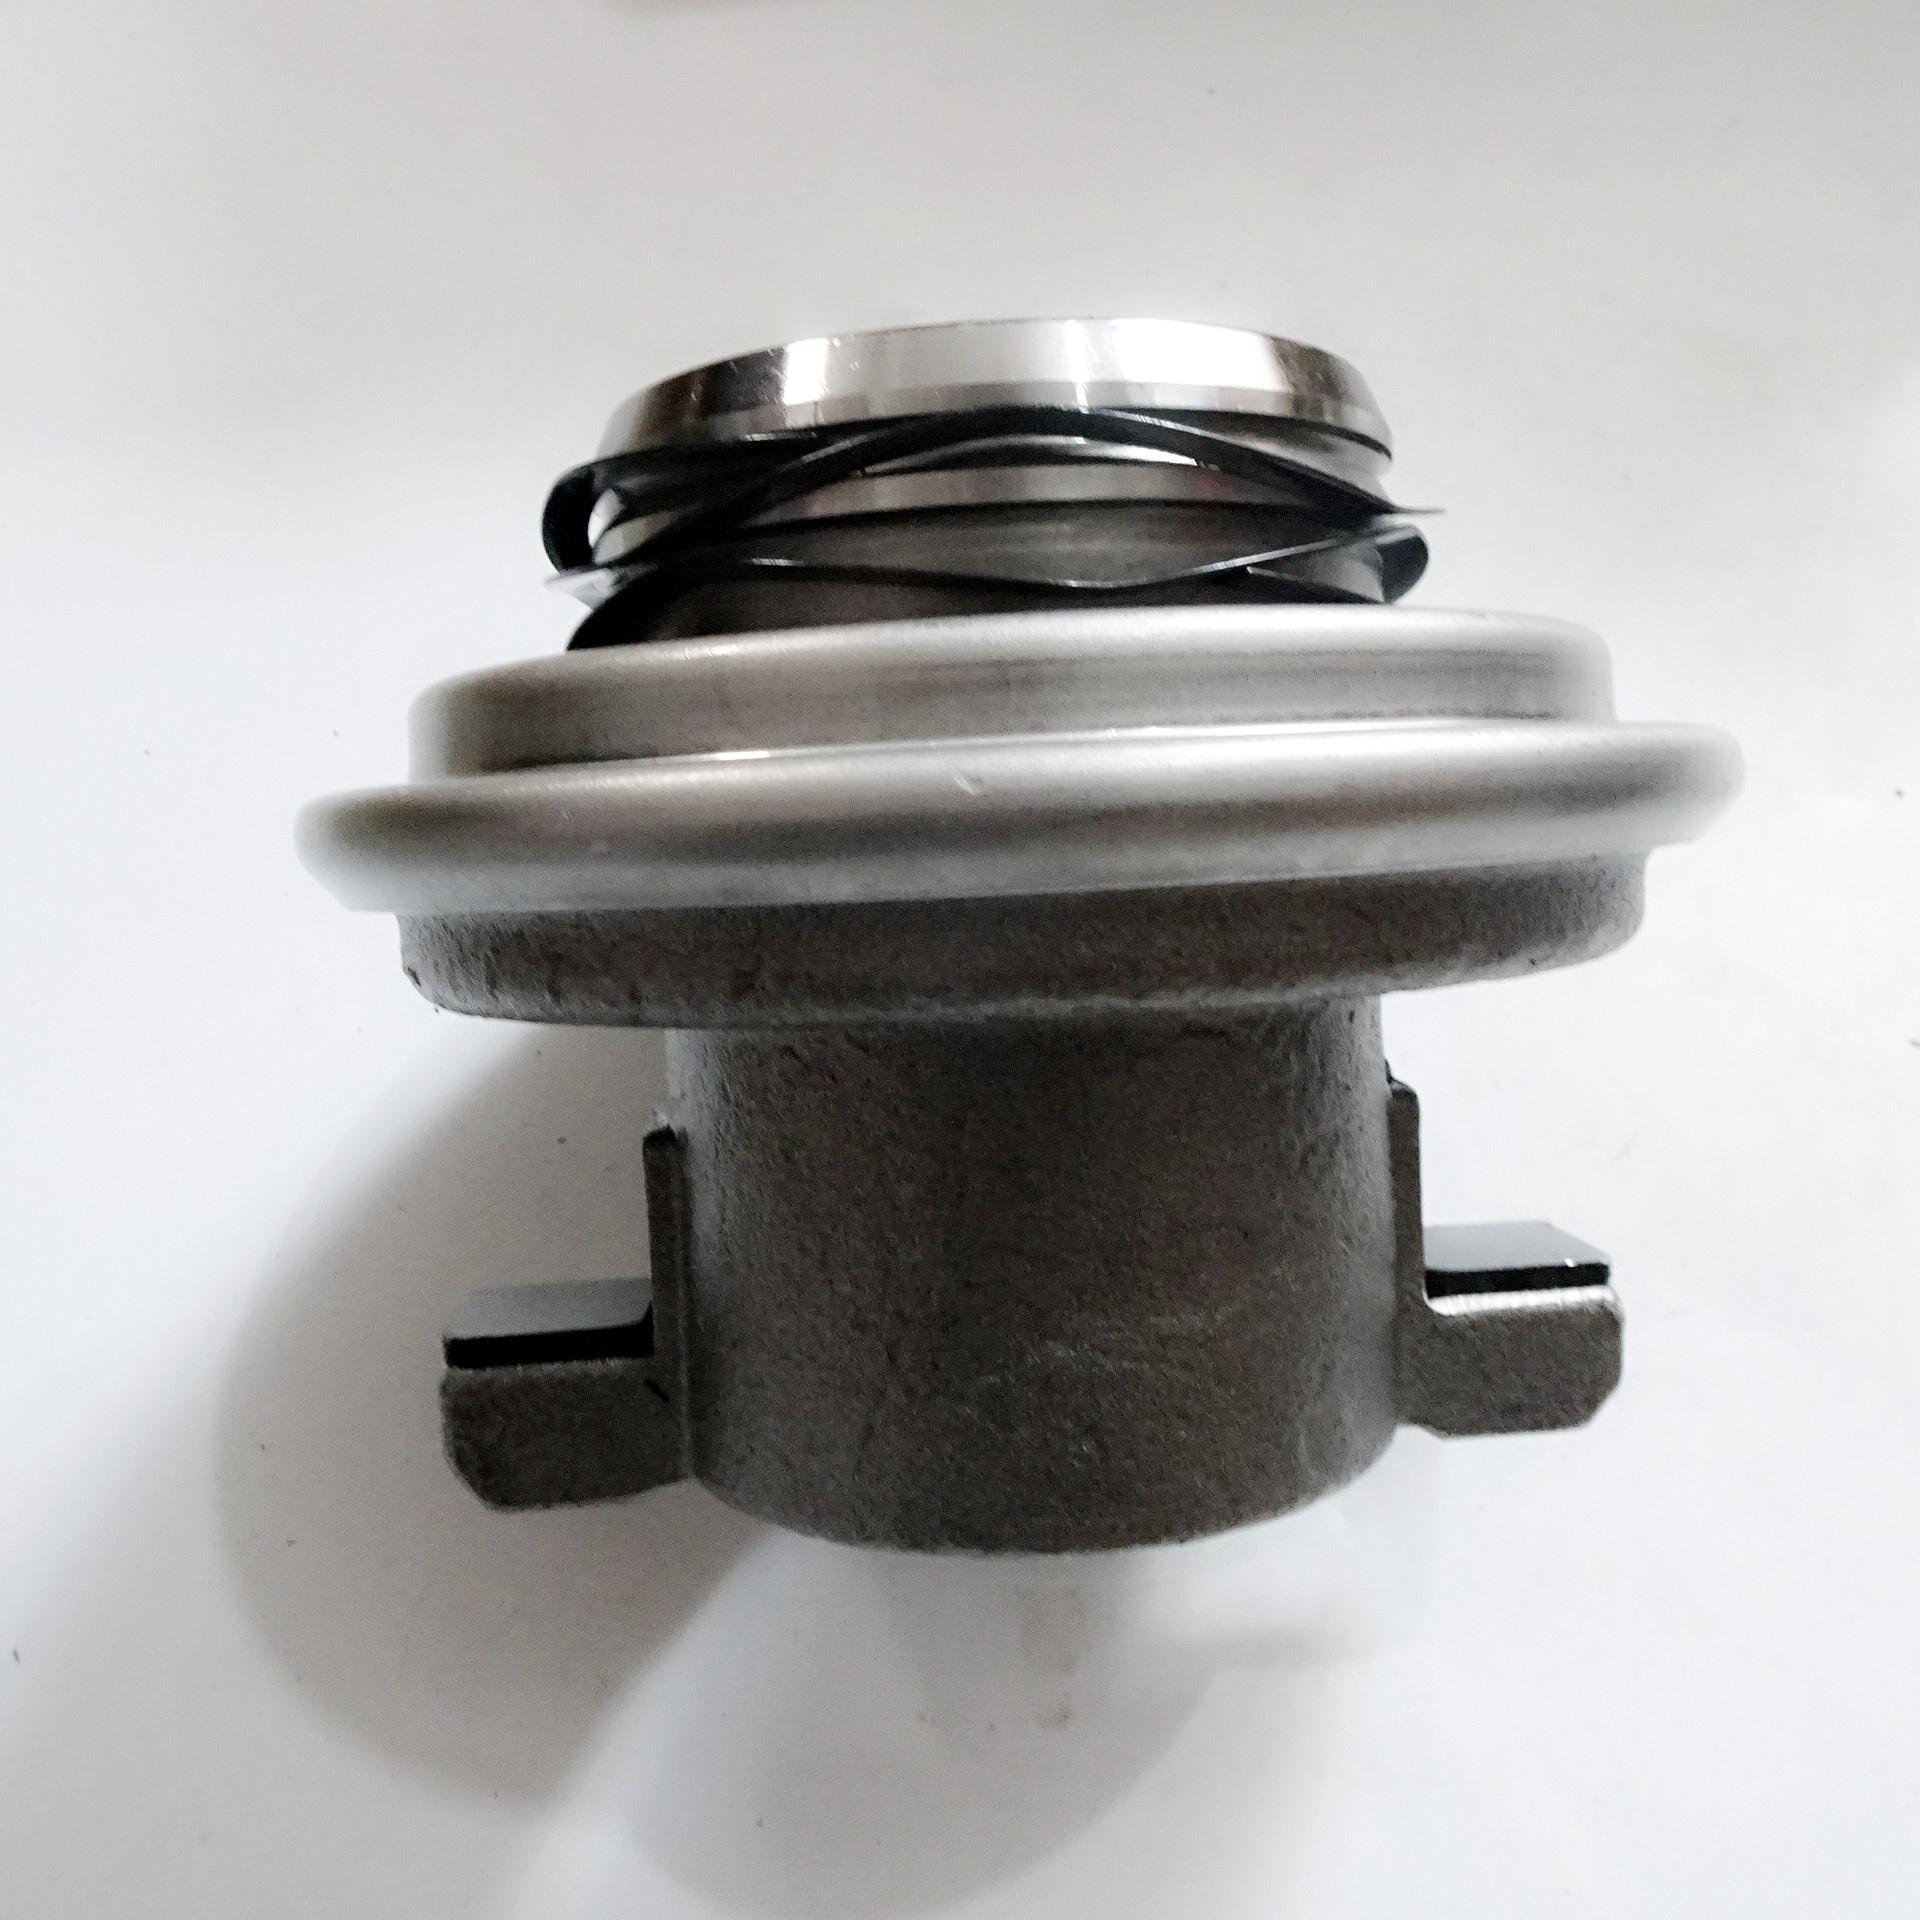 Foton auman 트럭 부품 H0161060104A0 클러치 릴리스 베어링